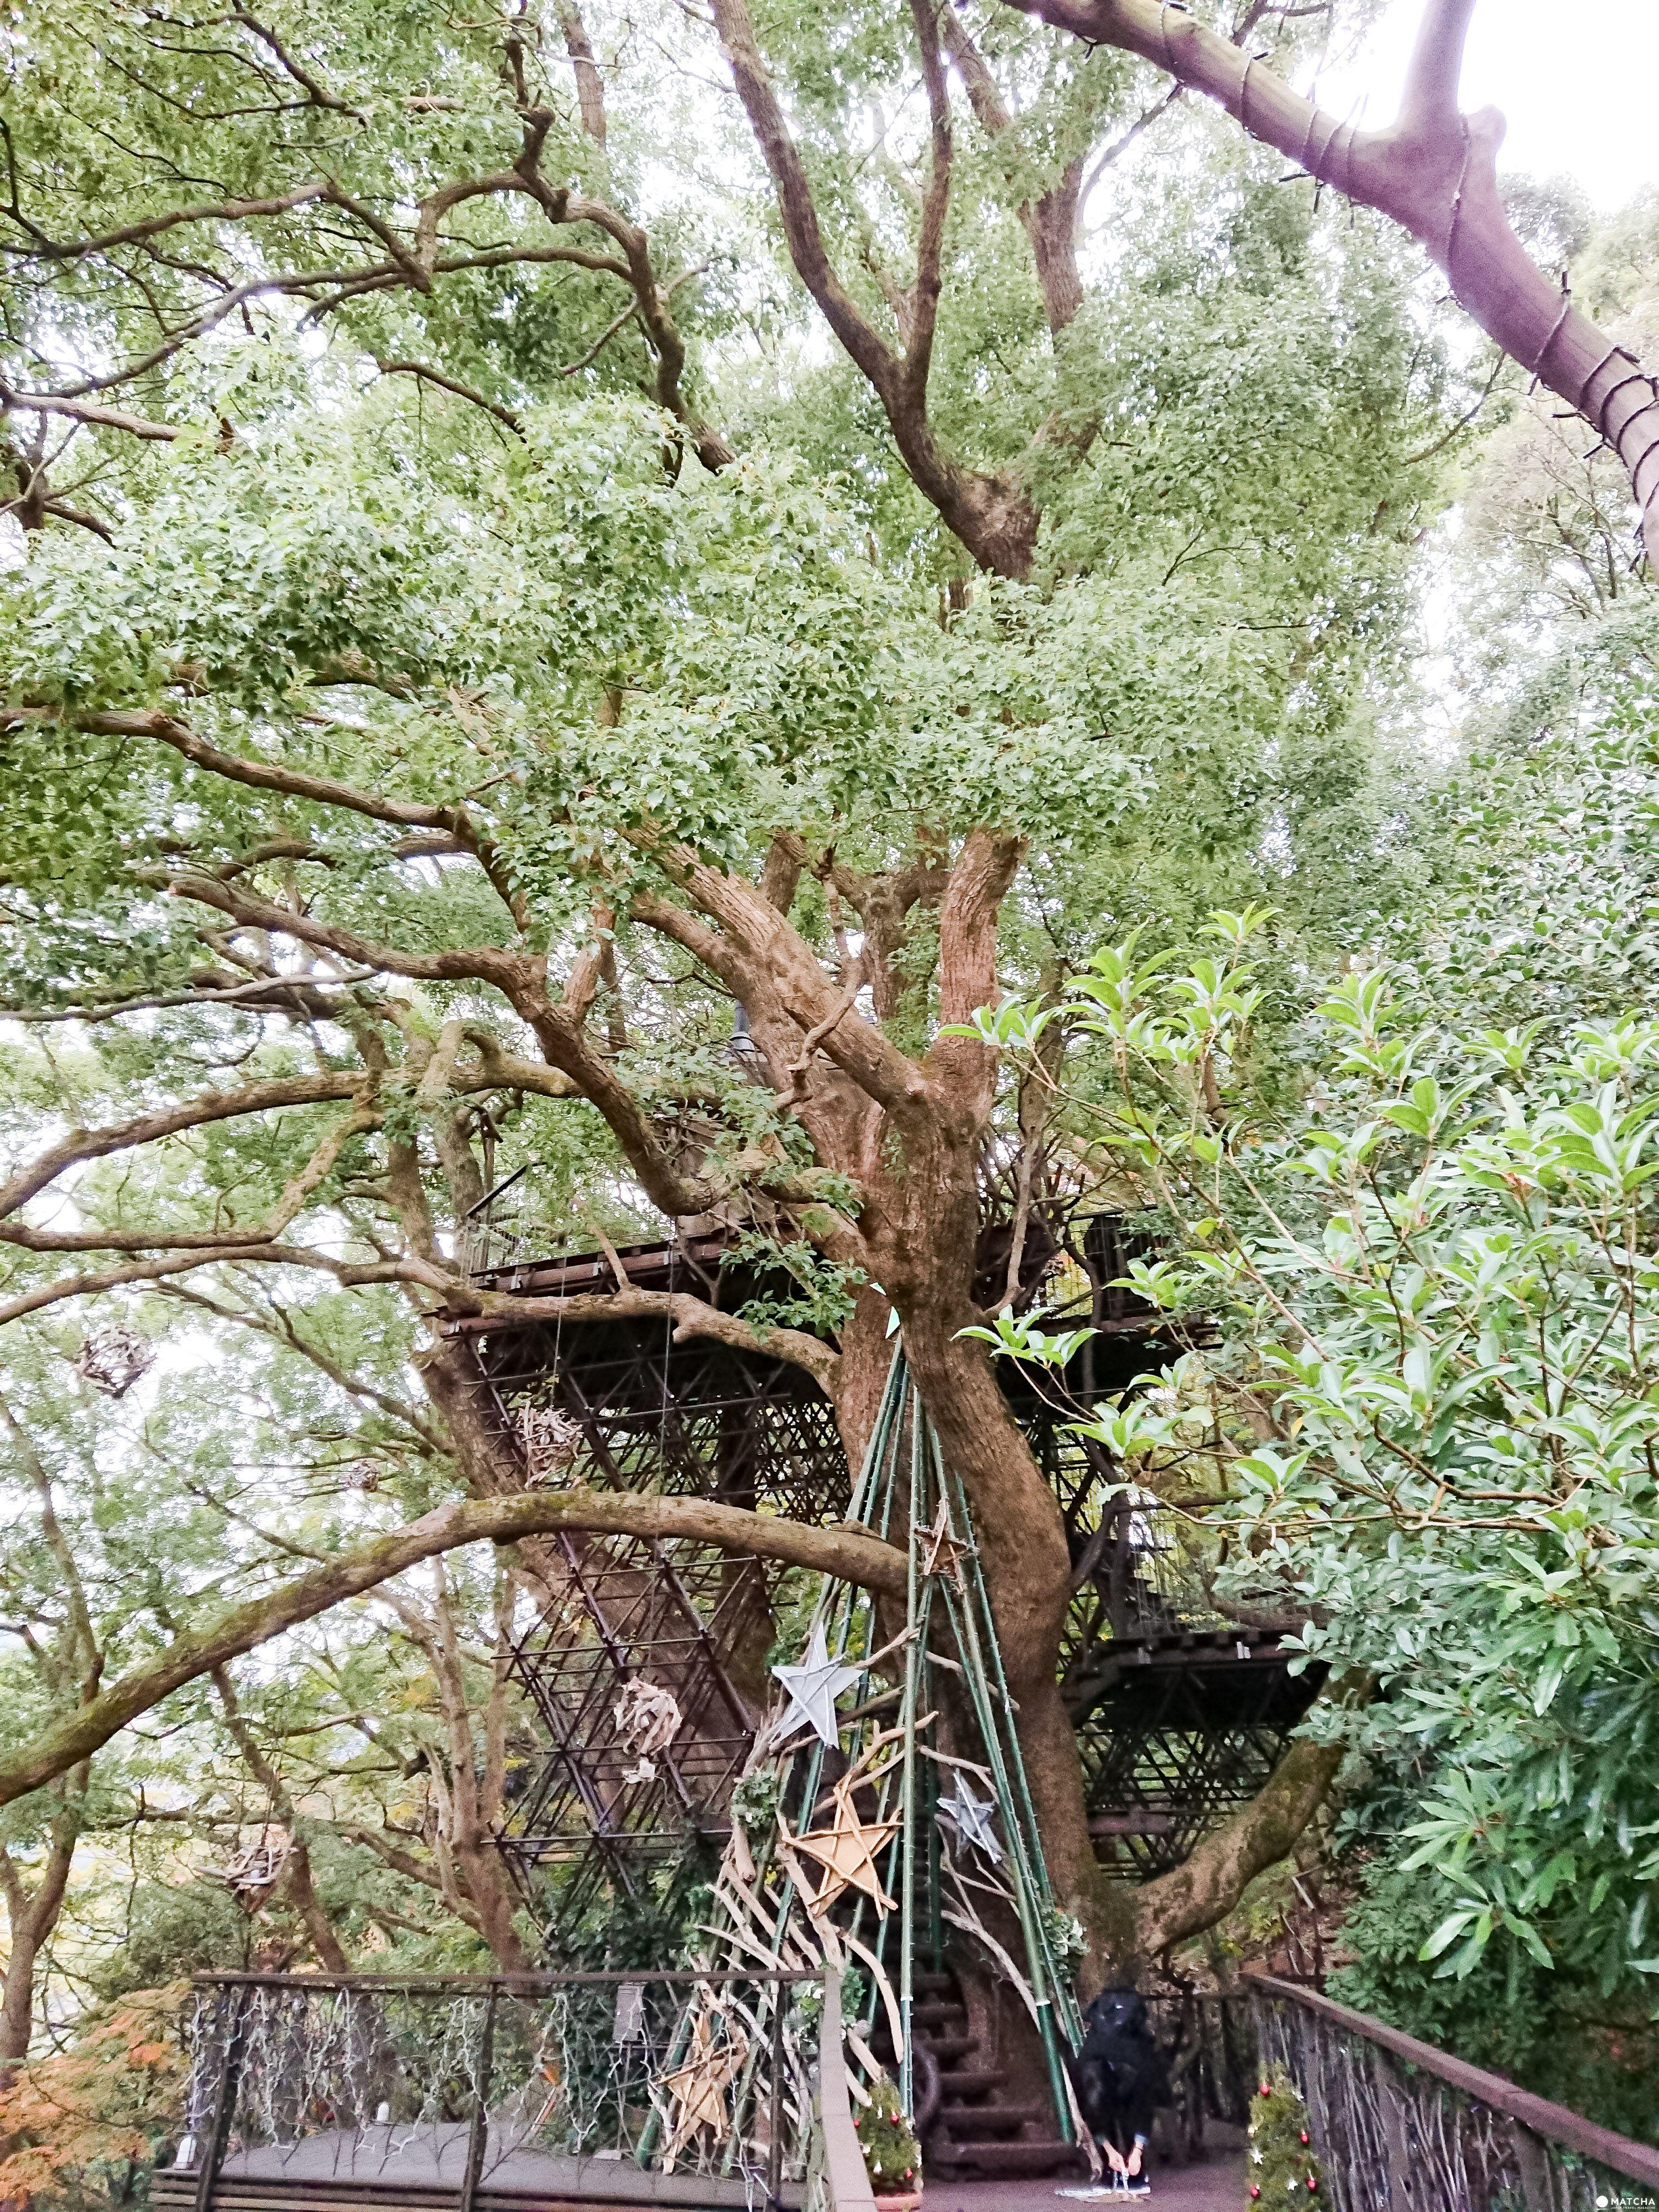 【熱海】家庭渡假溫泉飯店 星野リゾナーレ熱海